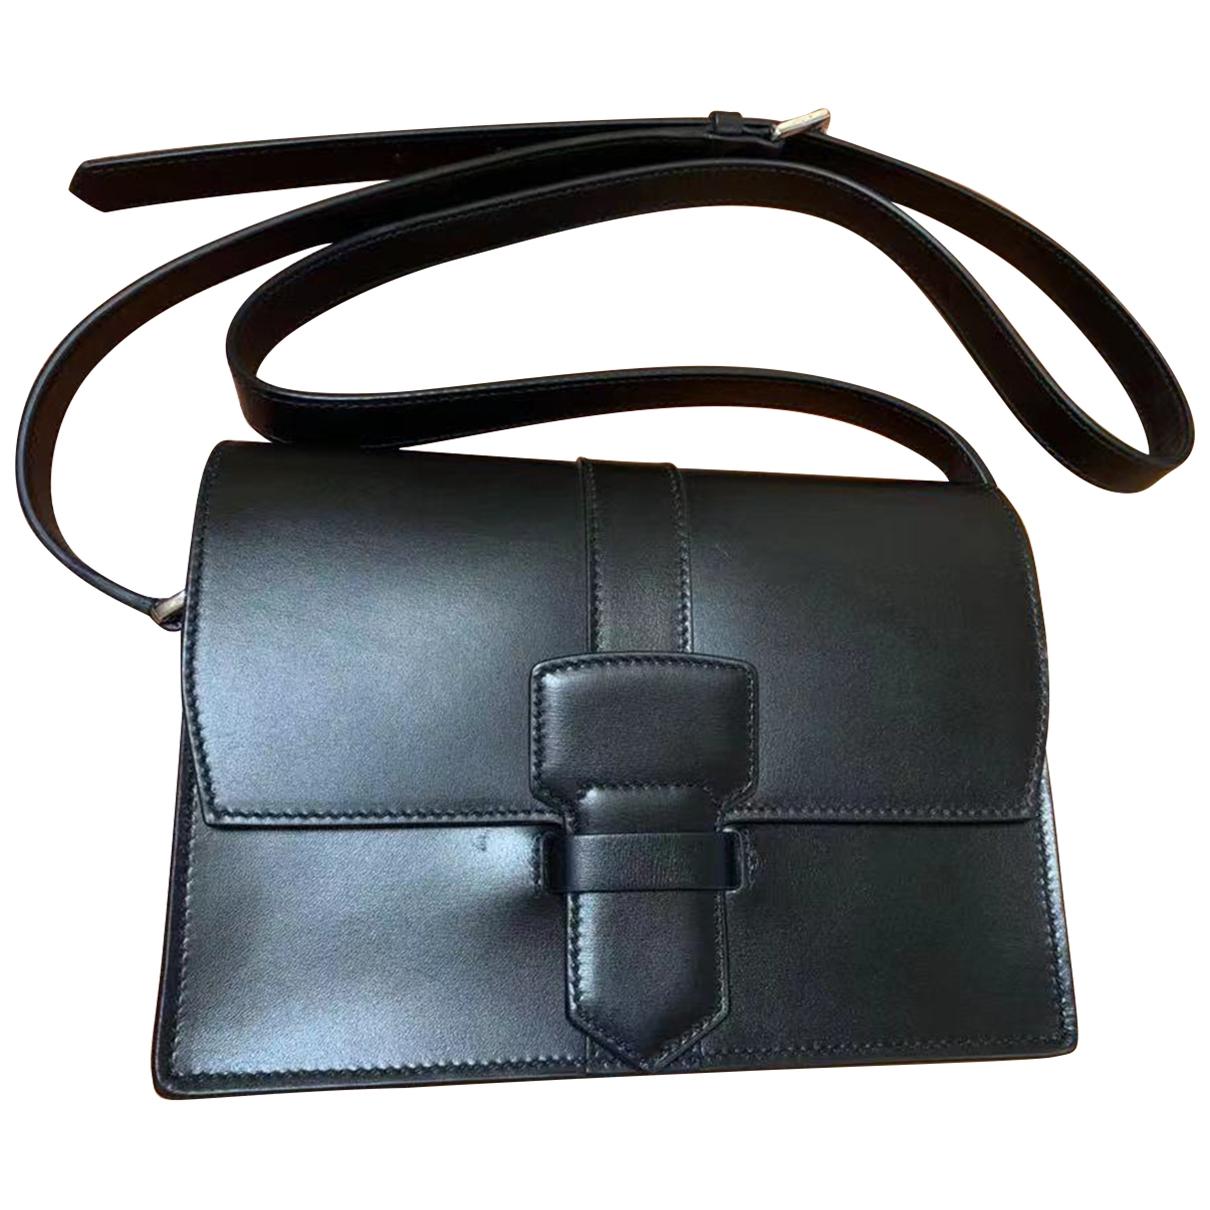 Salvatore Ferragamo - Sac a main   pour femme en cuir - noir